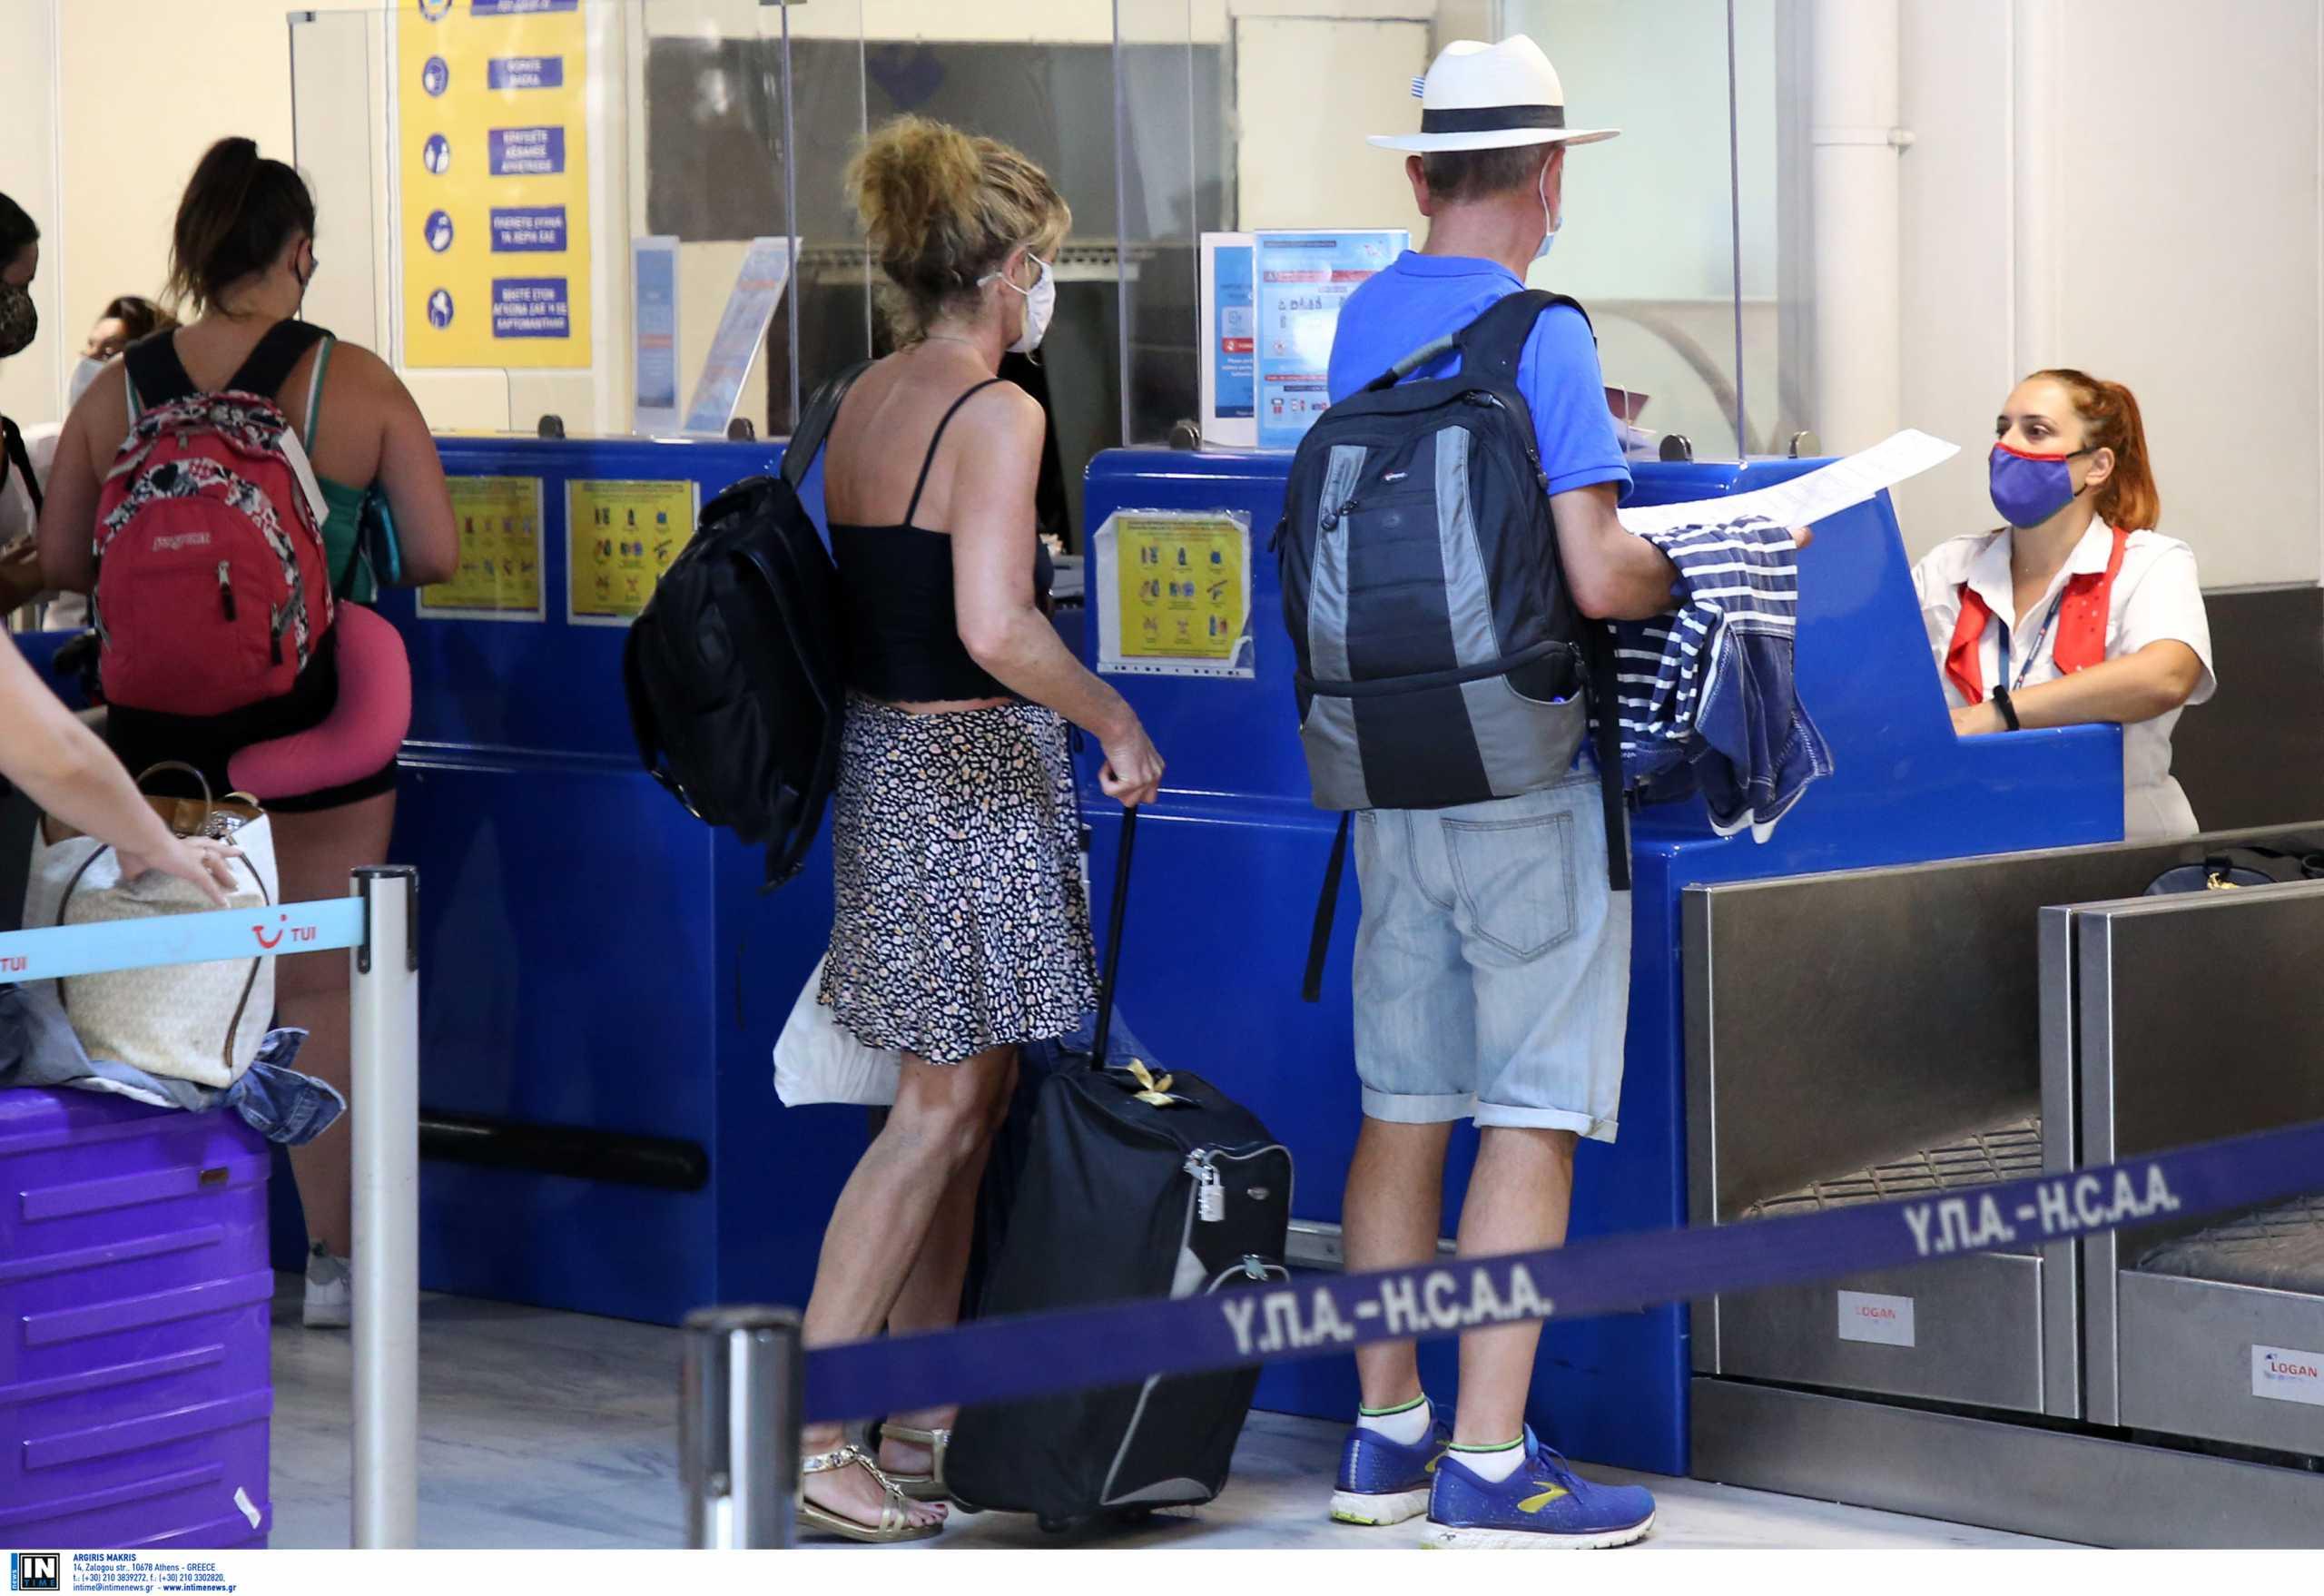 Κρήτη: Με θετικό τεστ κορονοϊού ήθελαν να πετάξουν για το Ισραήλ